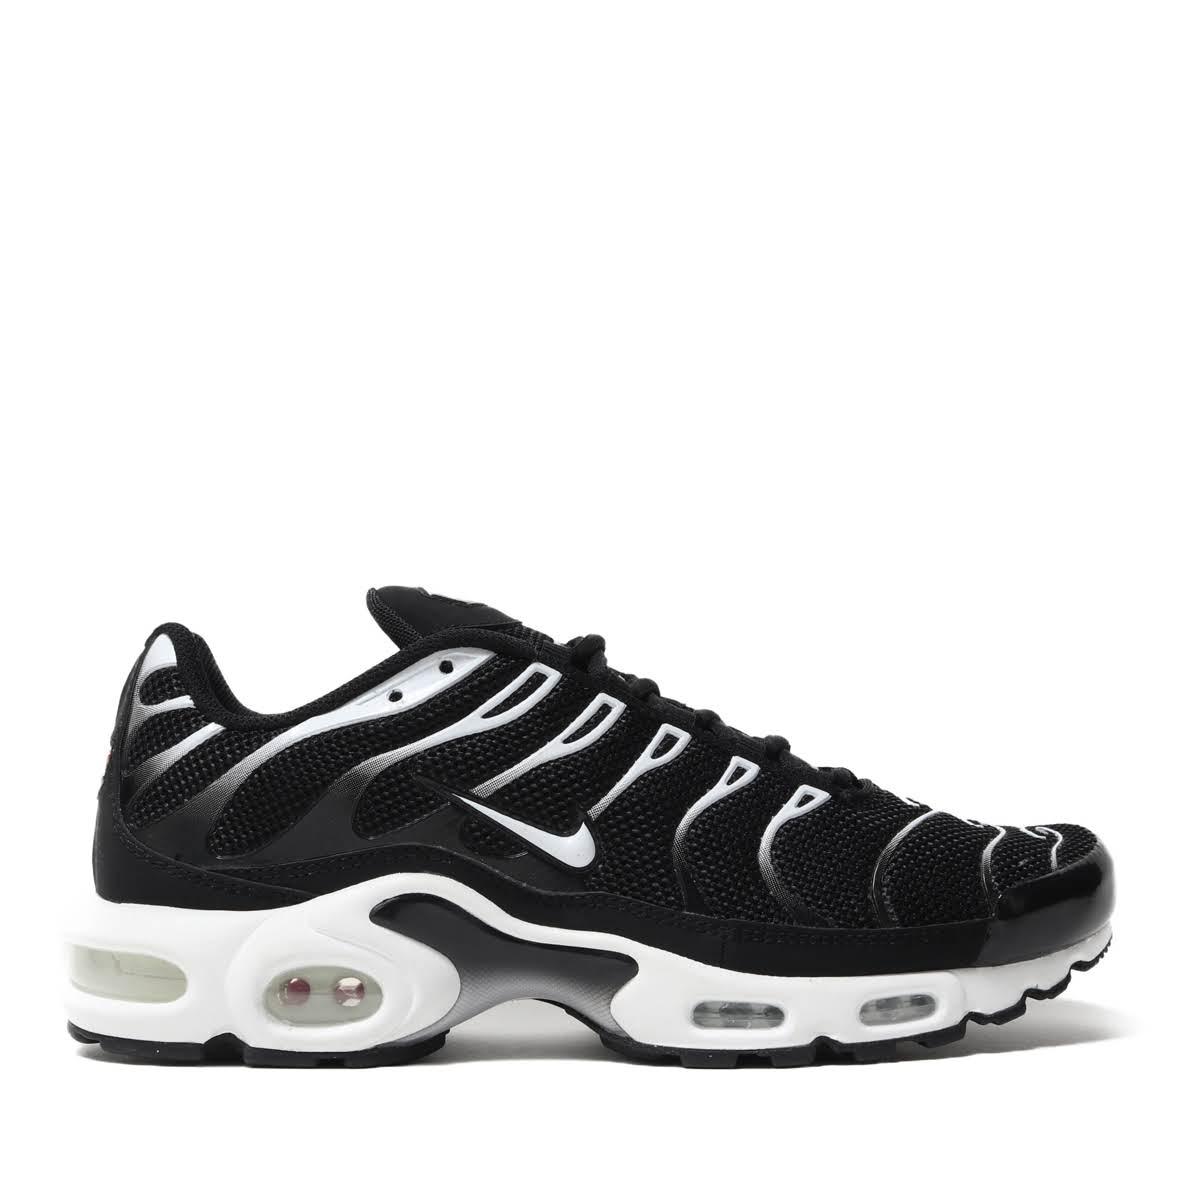 メンズ靴, スニーカー NIKE AIR MAX PLUS(BLACKWHITE-BLACK-RFLCT SILVER)( )19SU-I